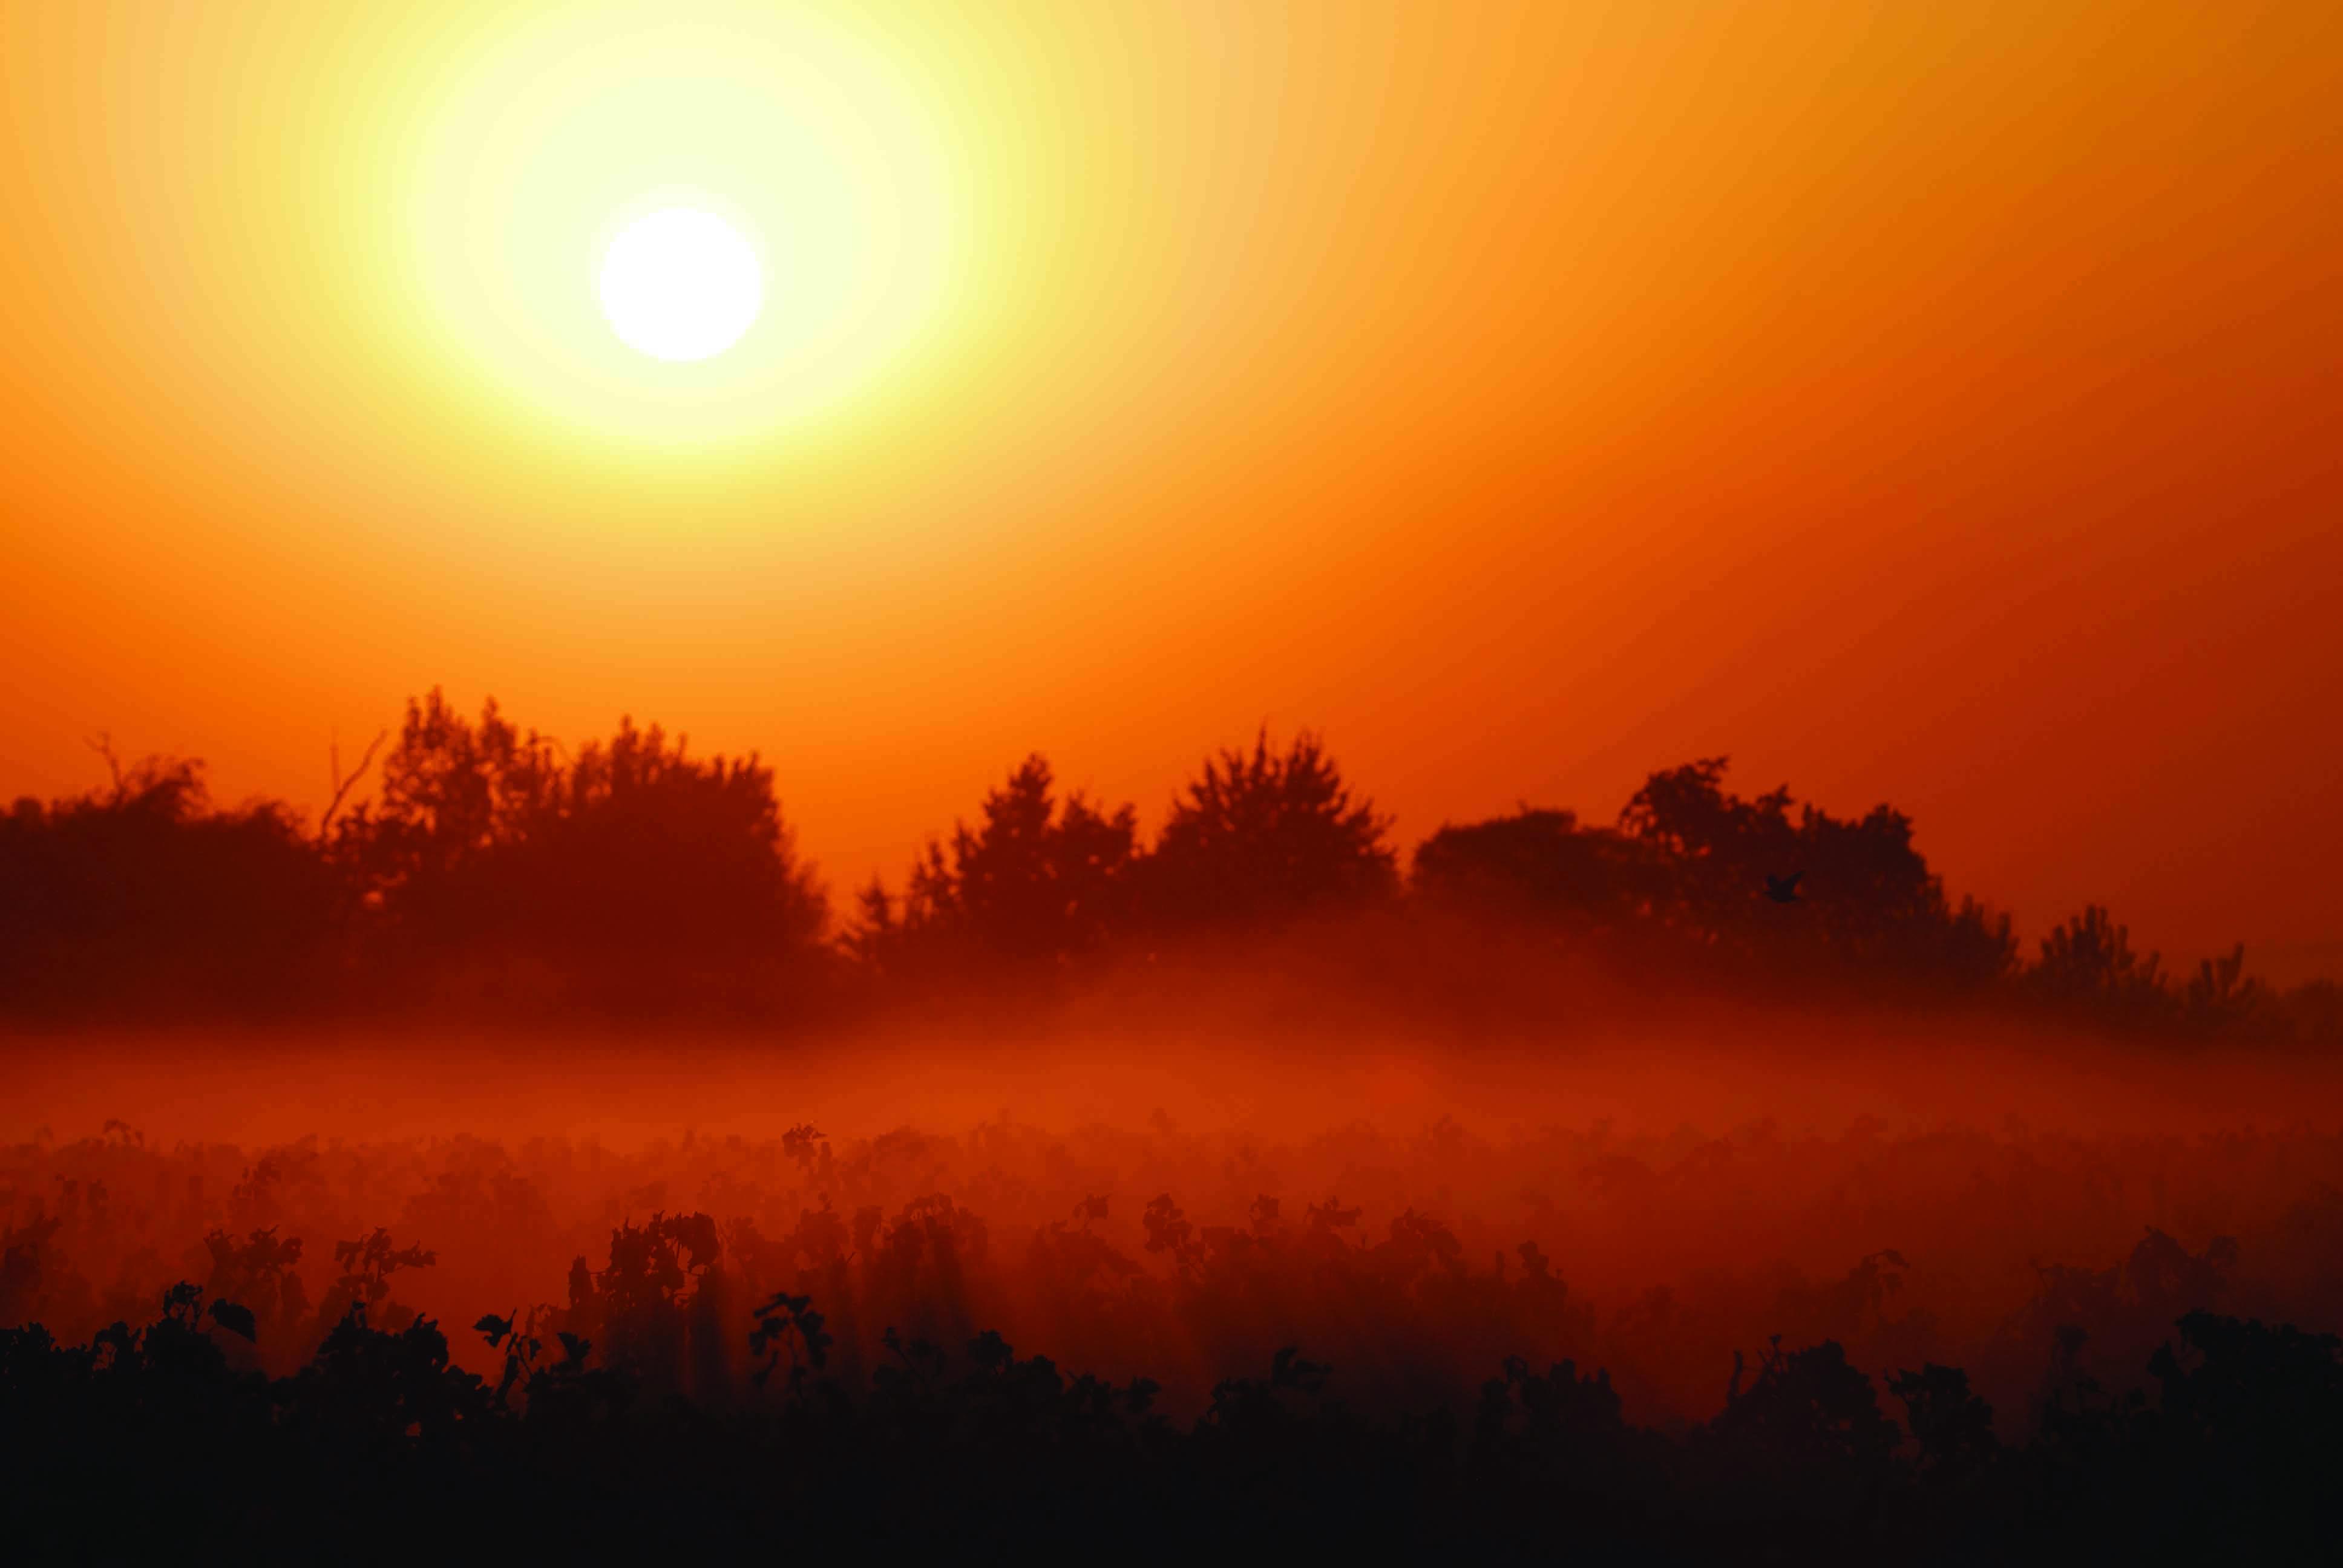 安第斯太阳,冉冉升起的智利新星